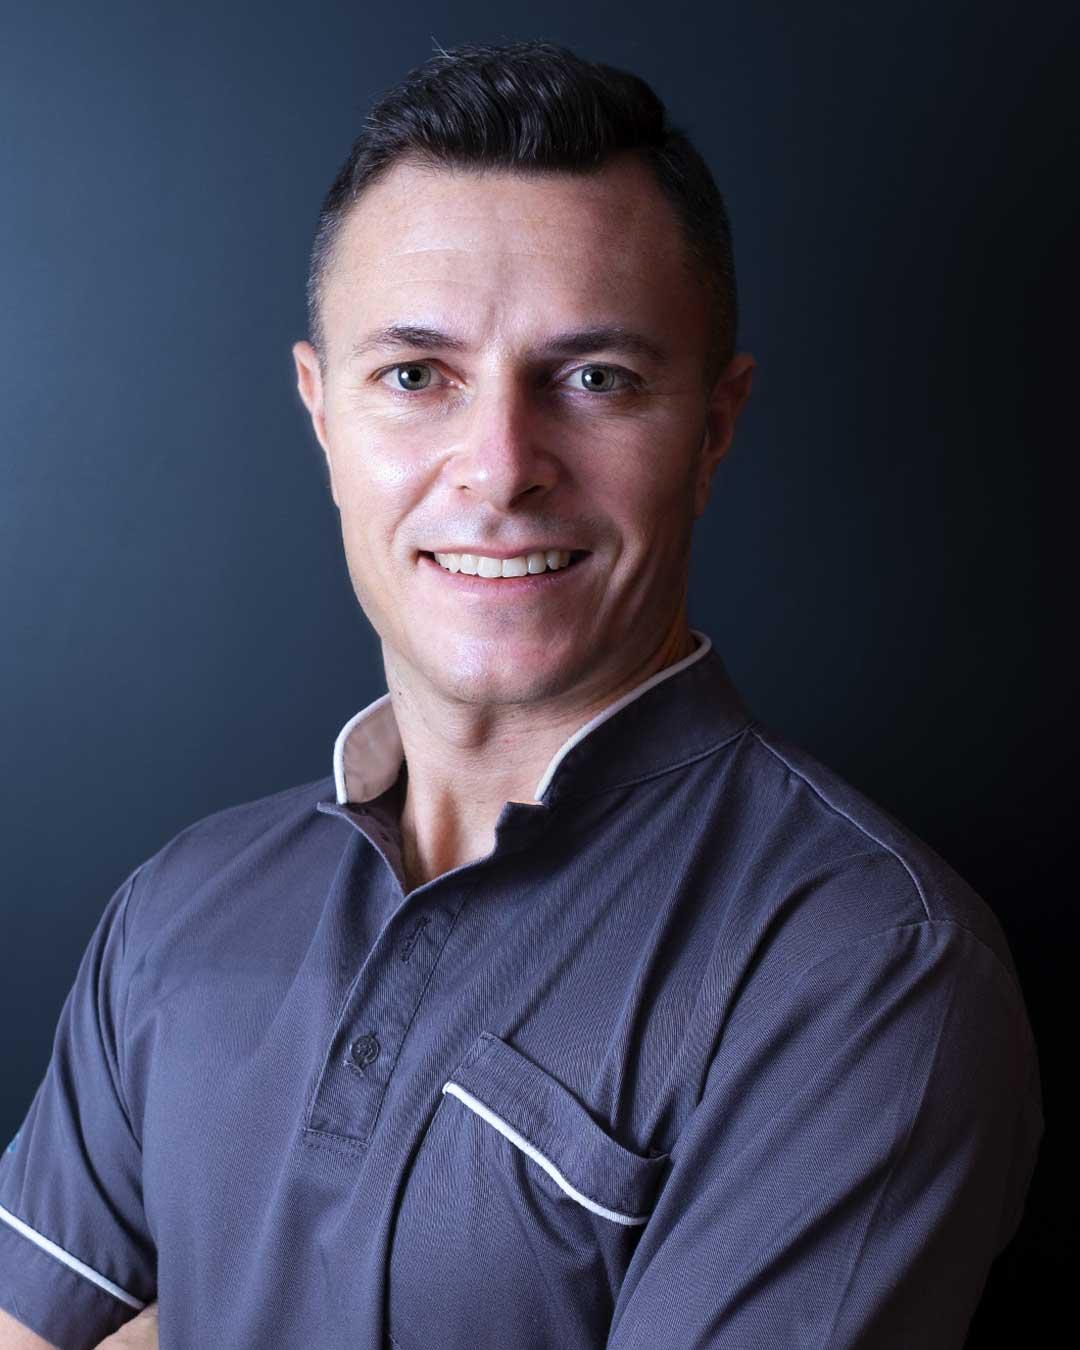 Dr. Matteo Bignamini